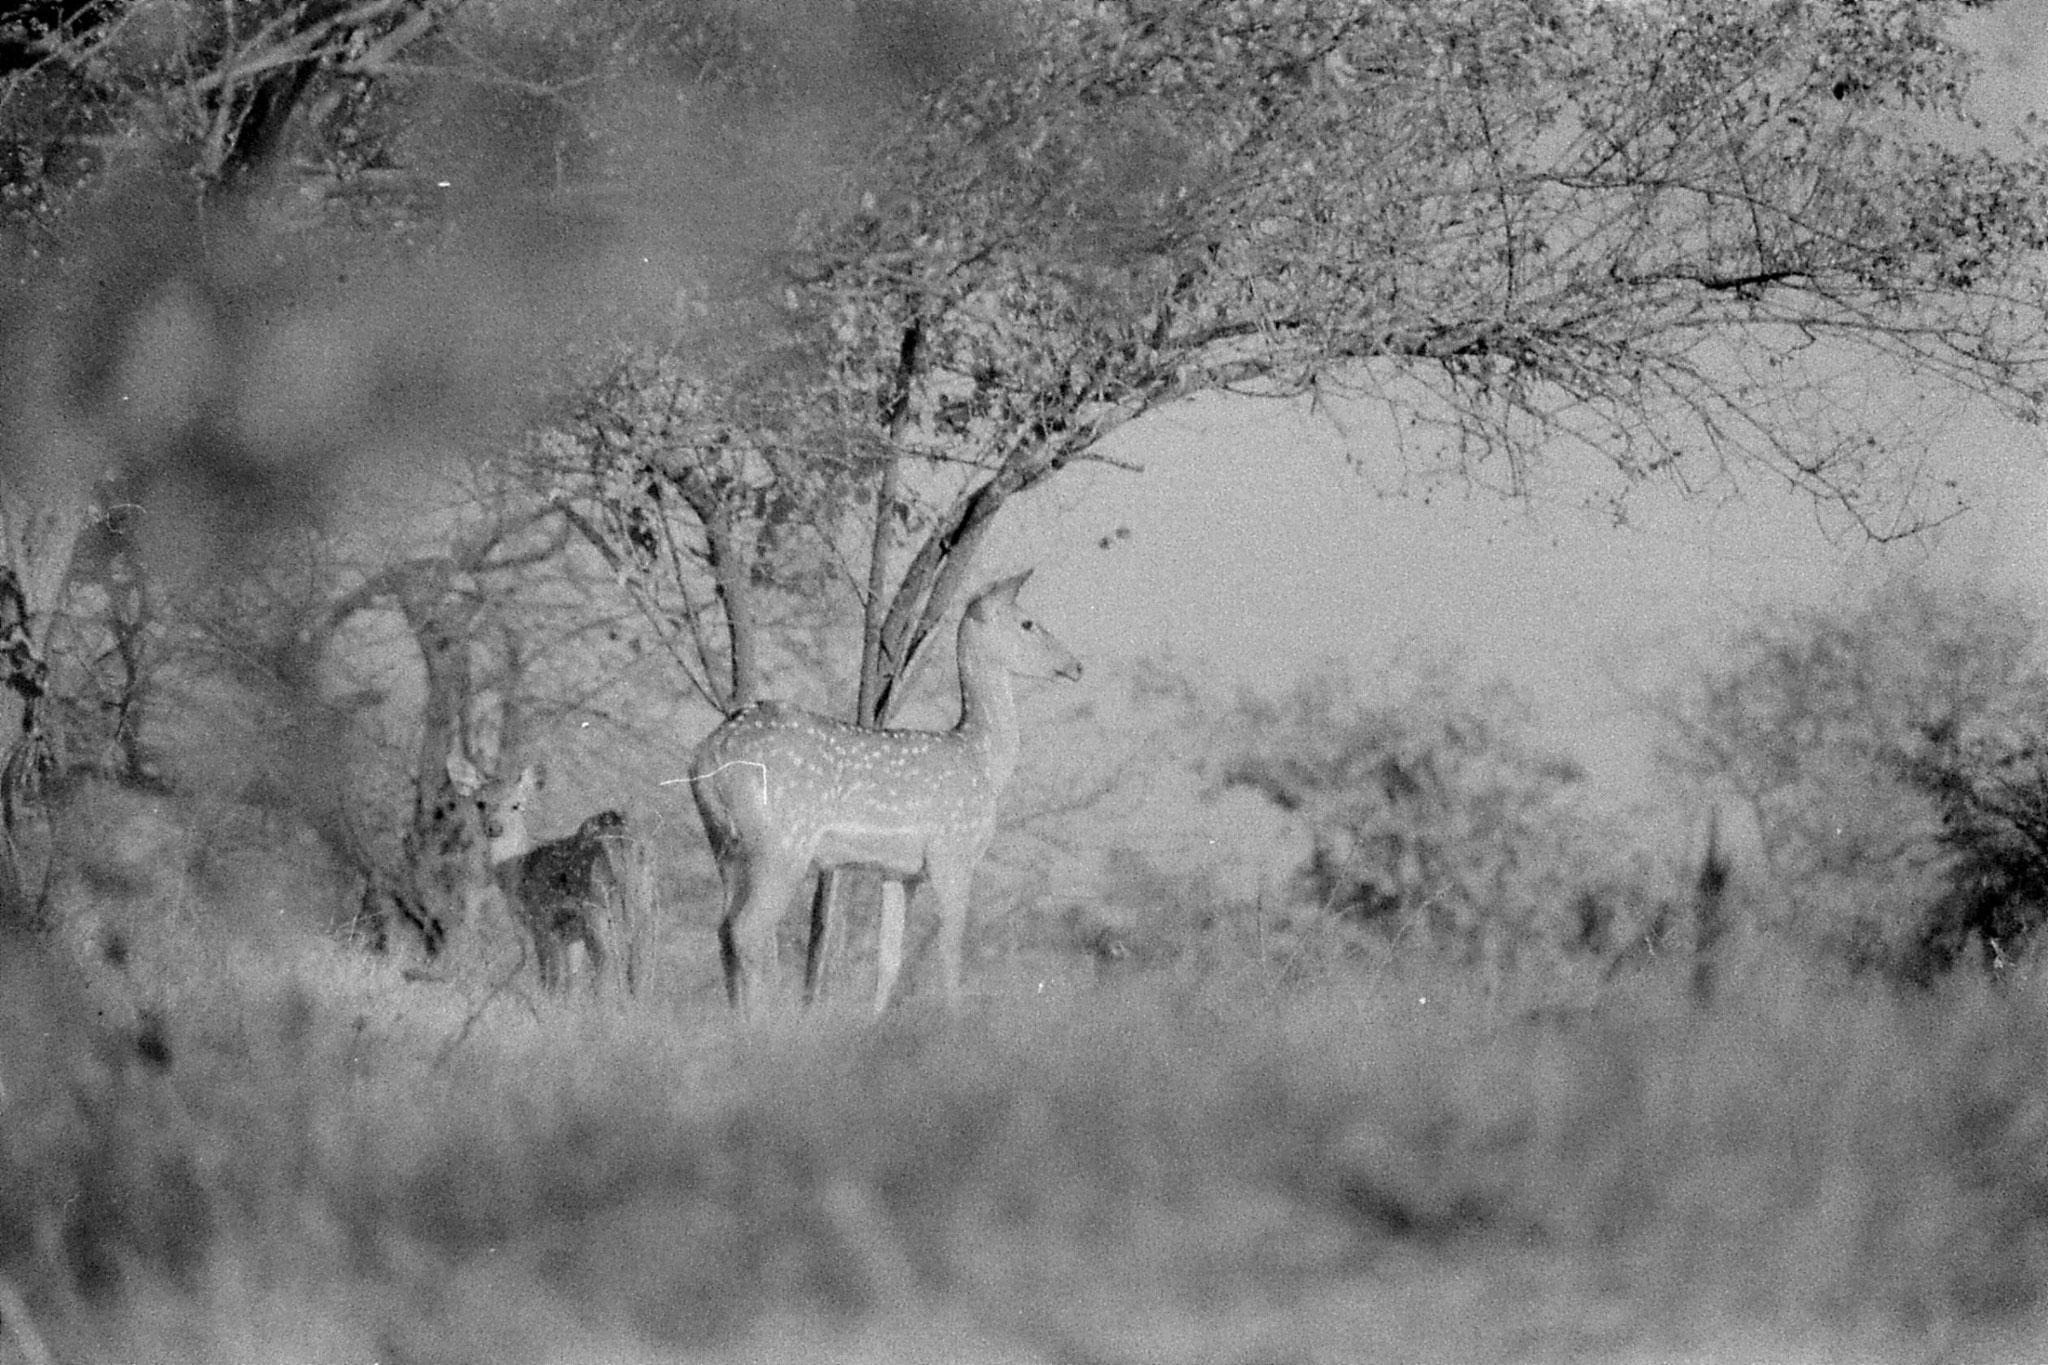 12/12/89: 3: Spotted deer